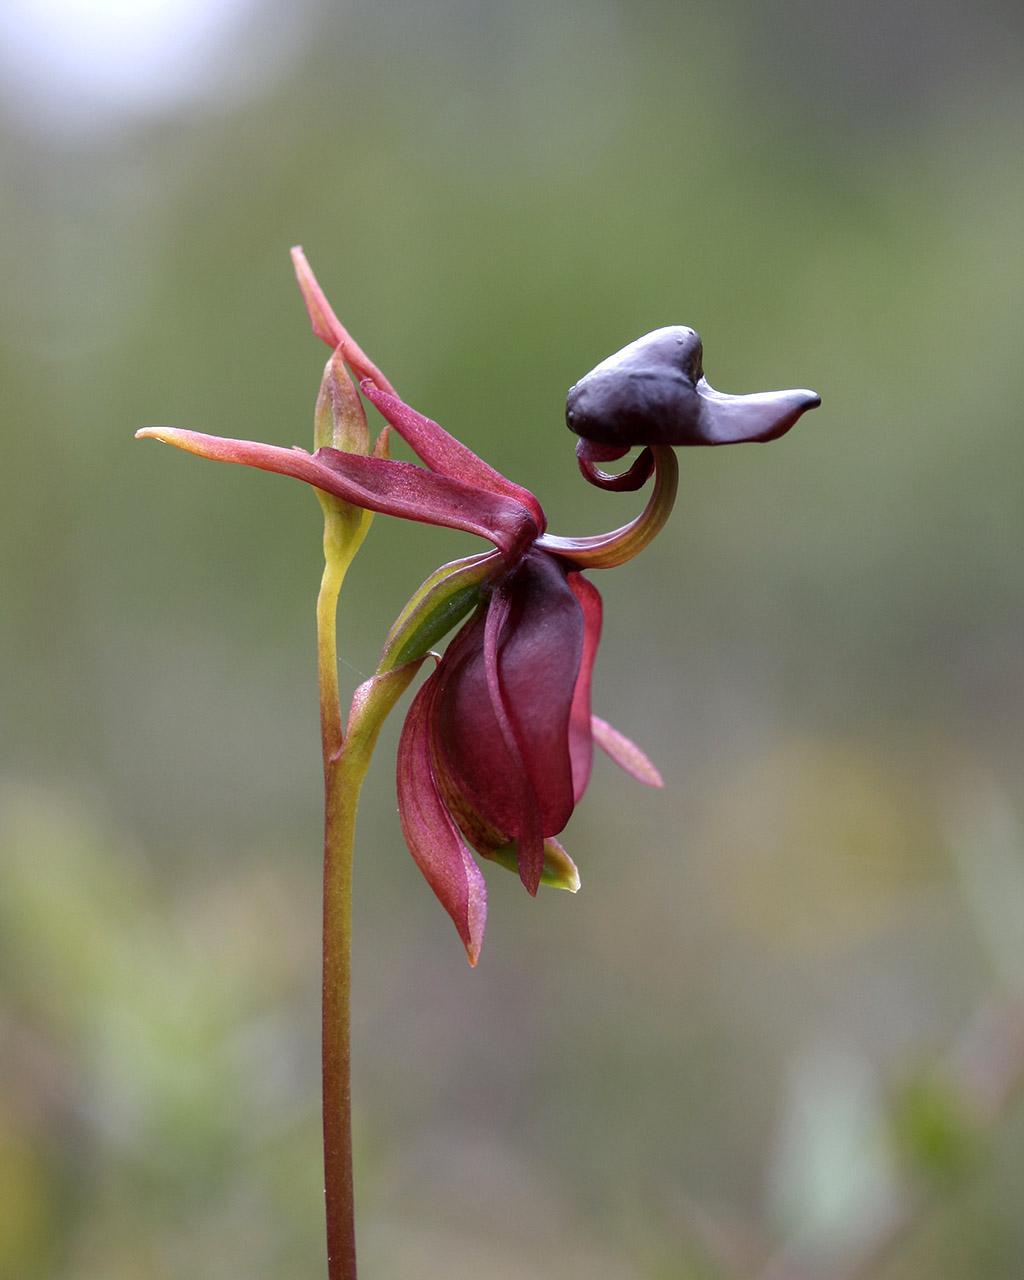 орхидея летящая уточка